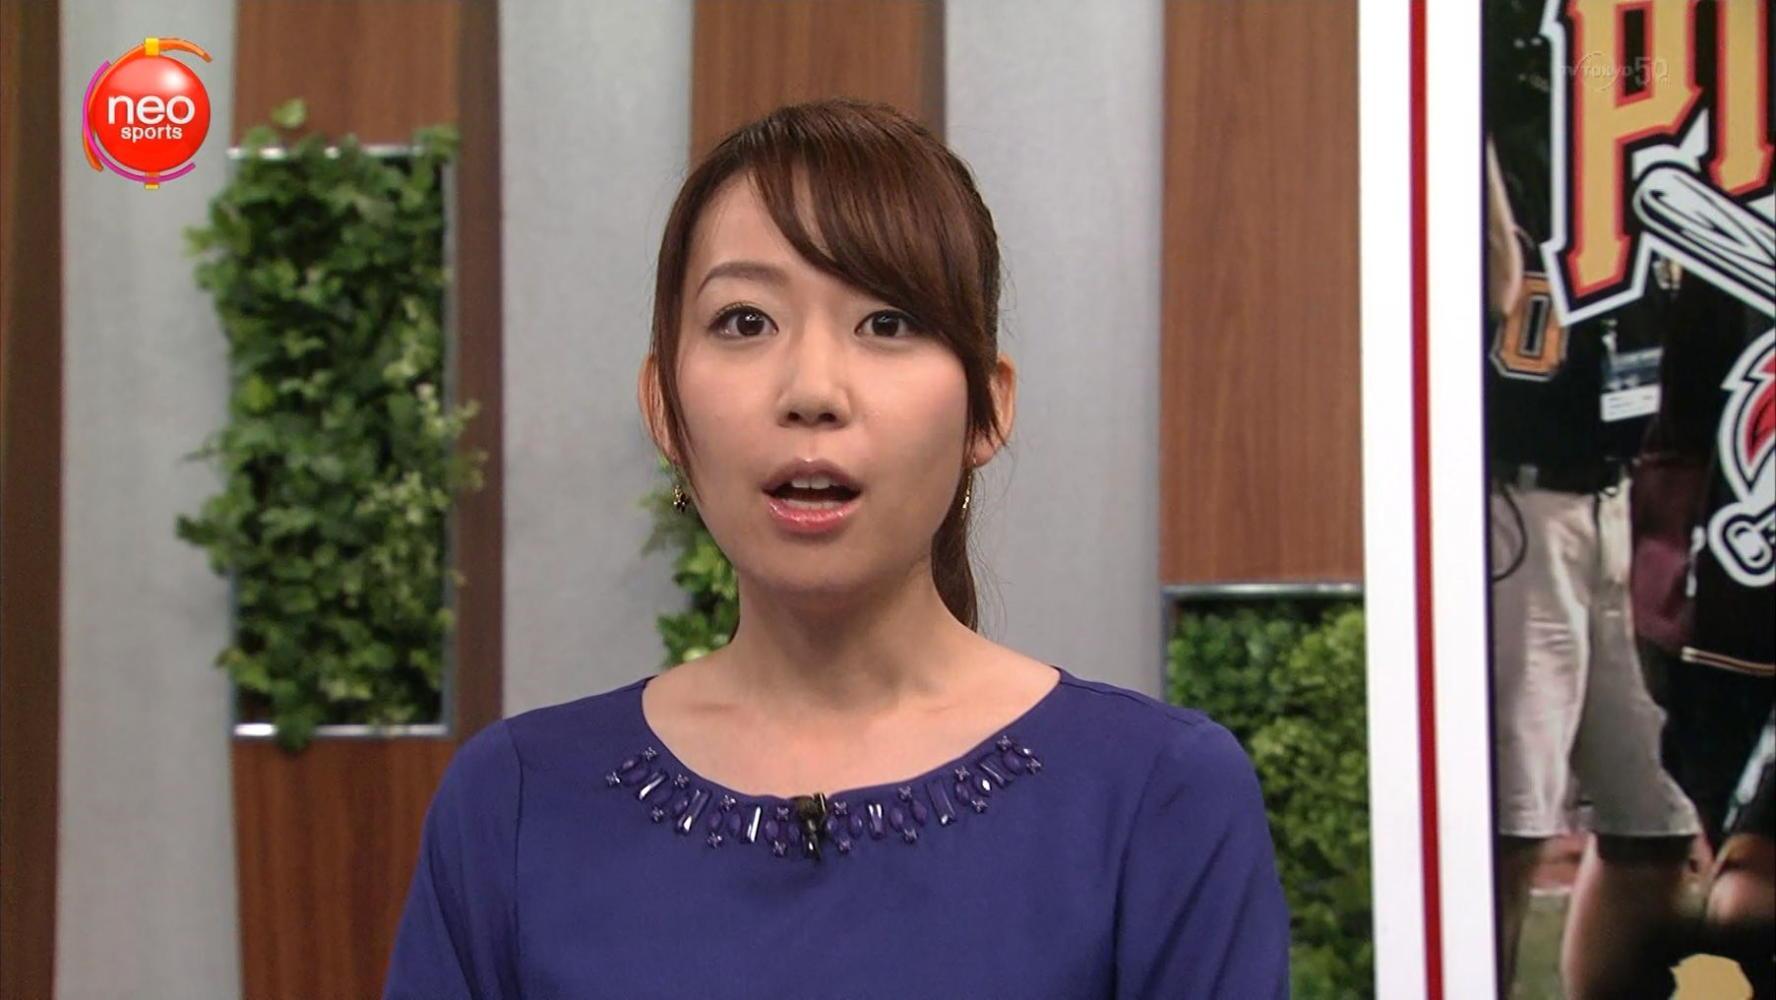 須黒清華 ネオスポーツ 13/10/07:女子アナキャプでも貼っておく ...